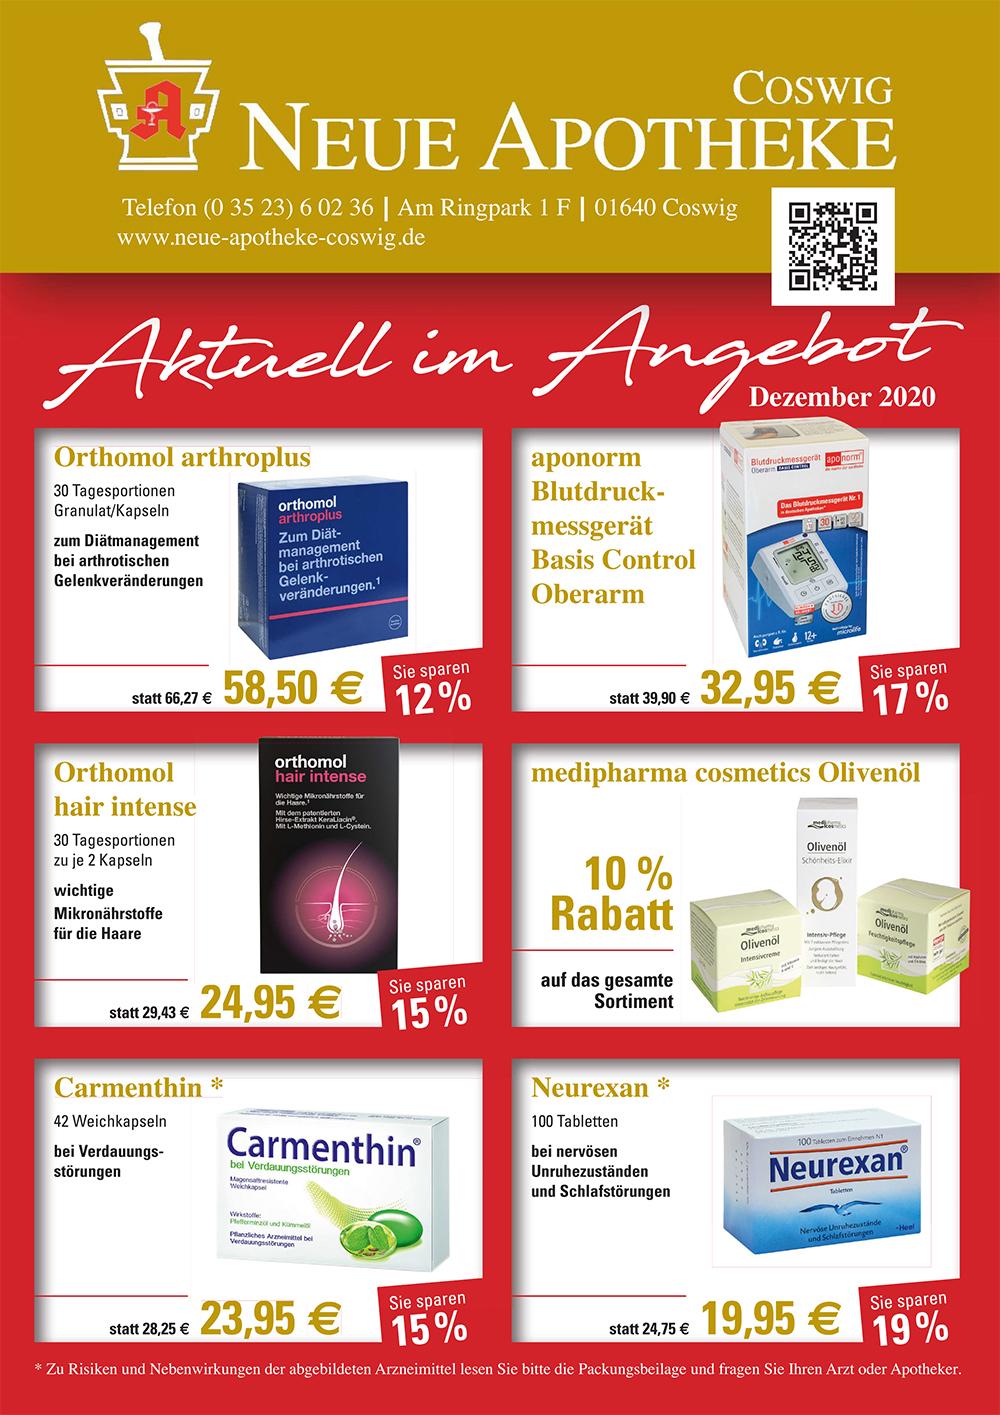 https://www-apotheken-de.apocdn.net/fileadmin/clubarea/00000-Angebote/01640_neue_angebot_1.jpg